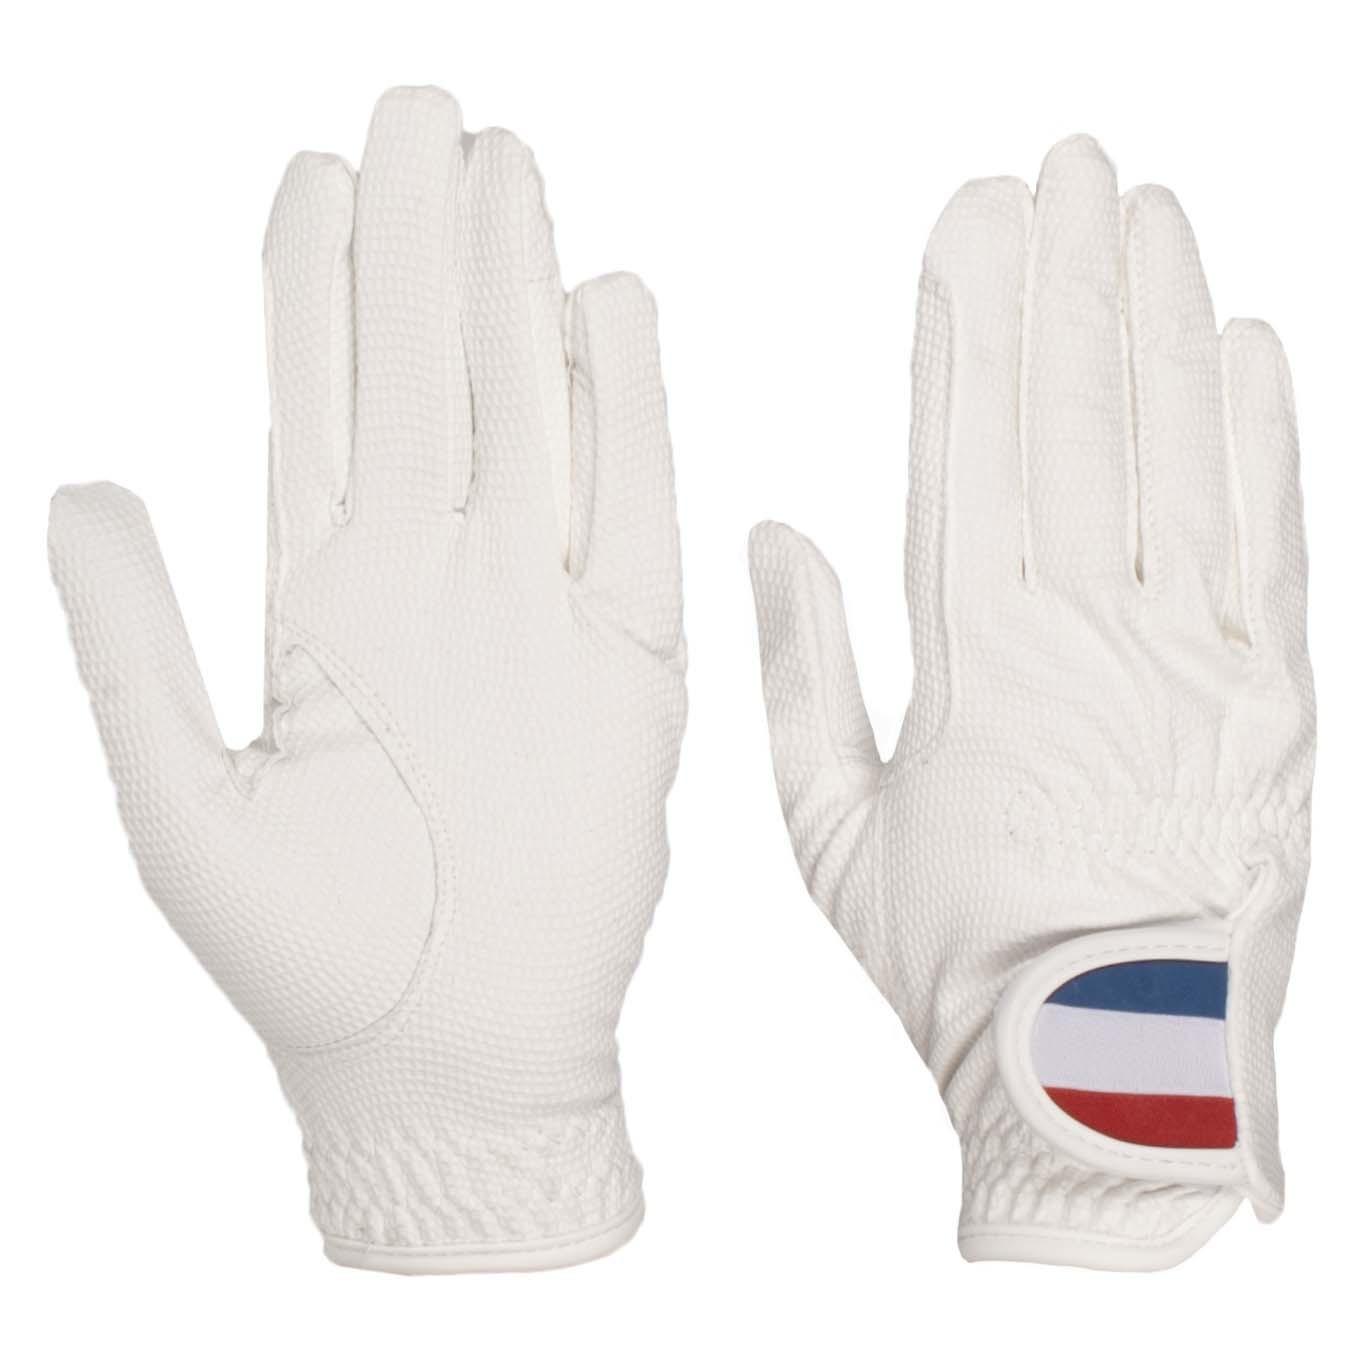 Mondoni Netherlands handschoenen wit maat:6